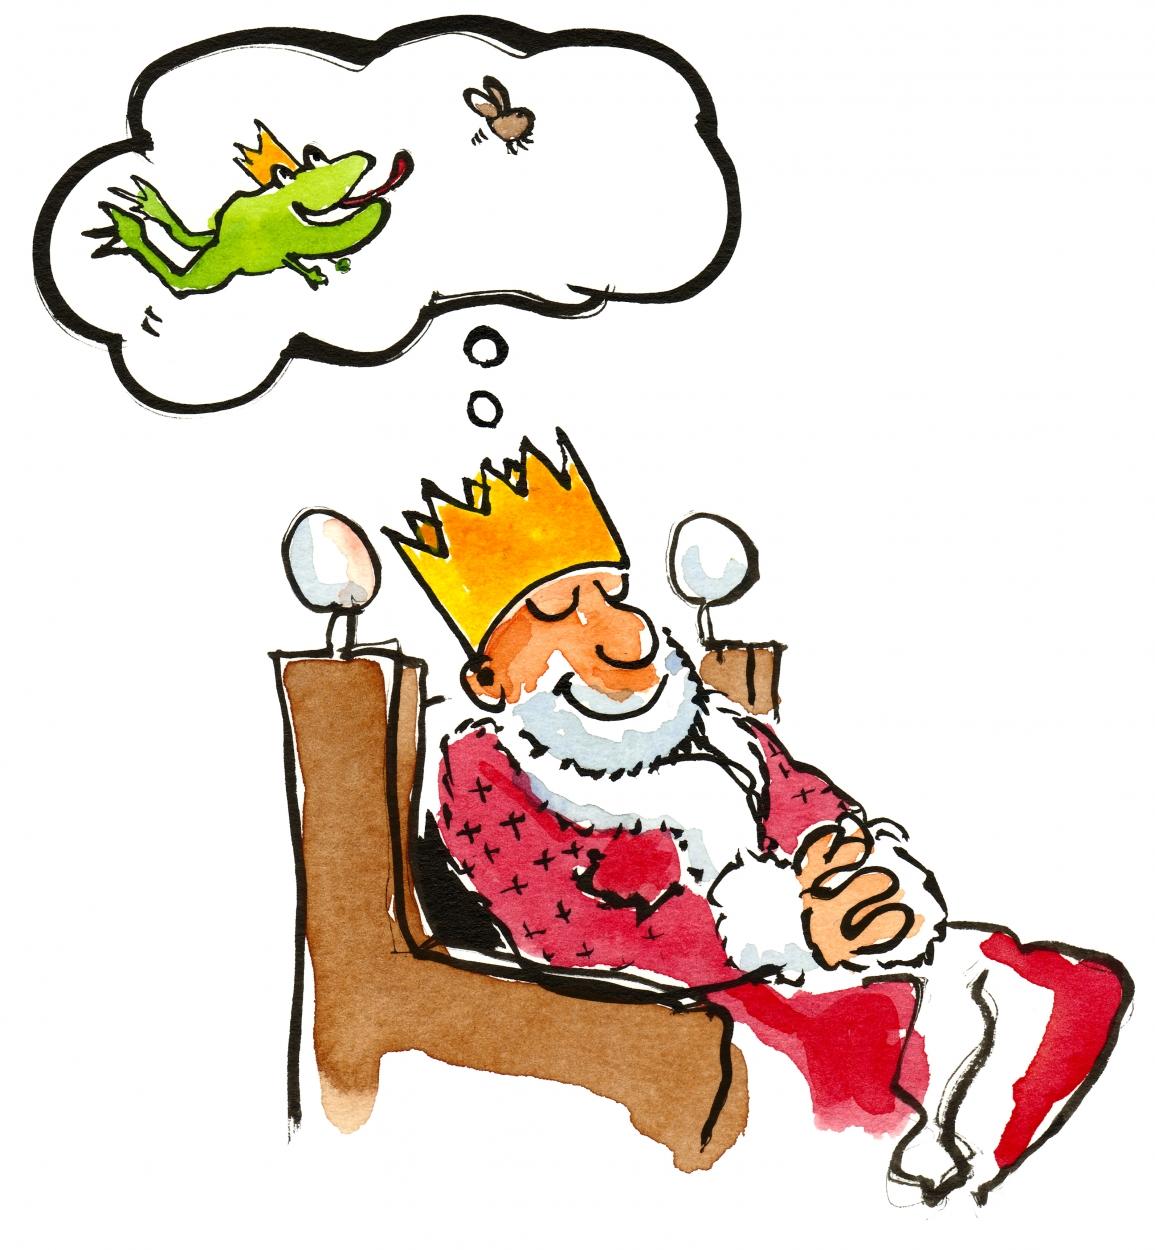 Tegning: Konge som drømmer tilbage til inden han kyssede princessen og han var en ubekymret frø